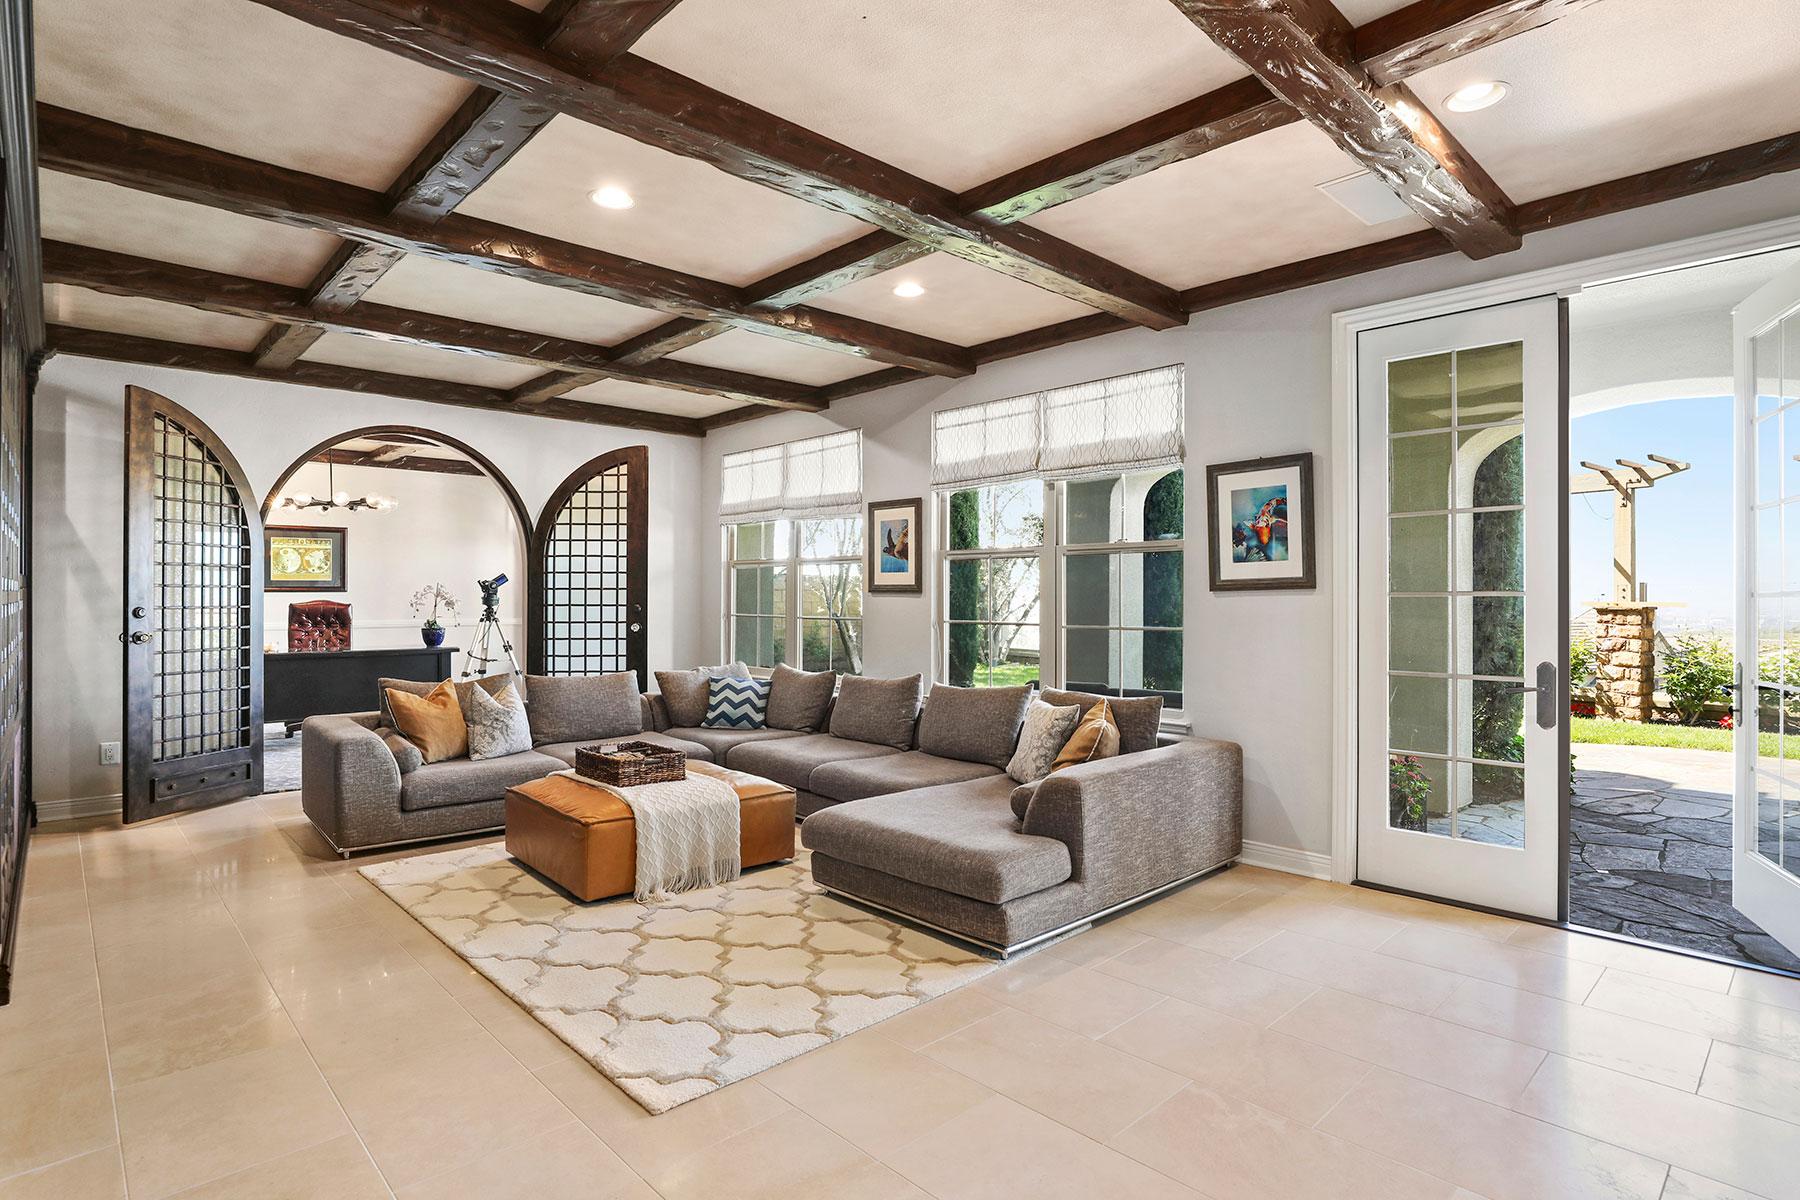 独户住宅 为 销售 在 17 Ferrand 纽波特比奇, 加利福尼亚州, 92657 美国